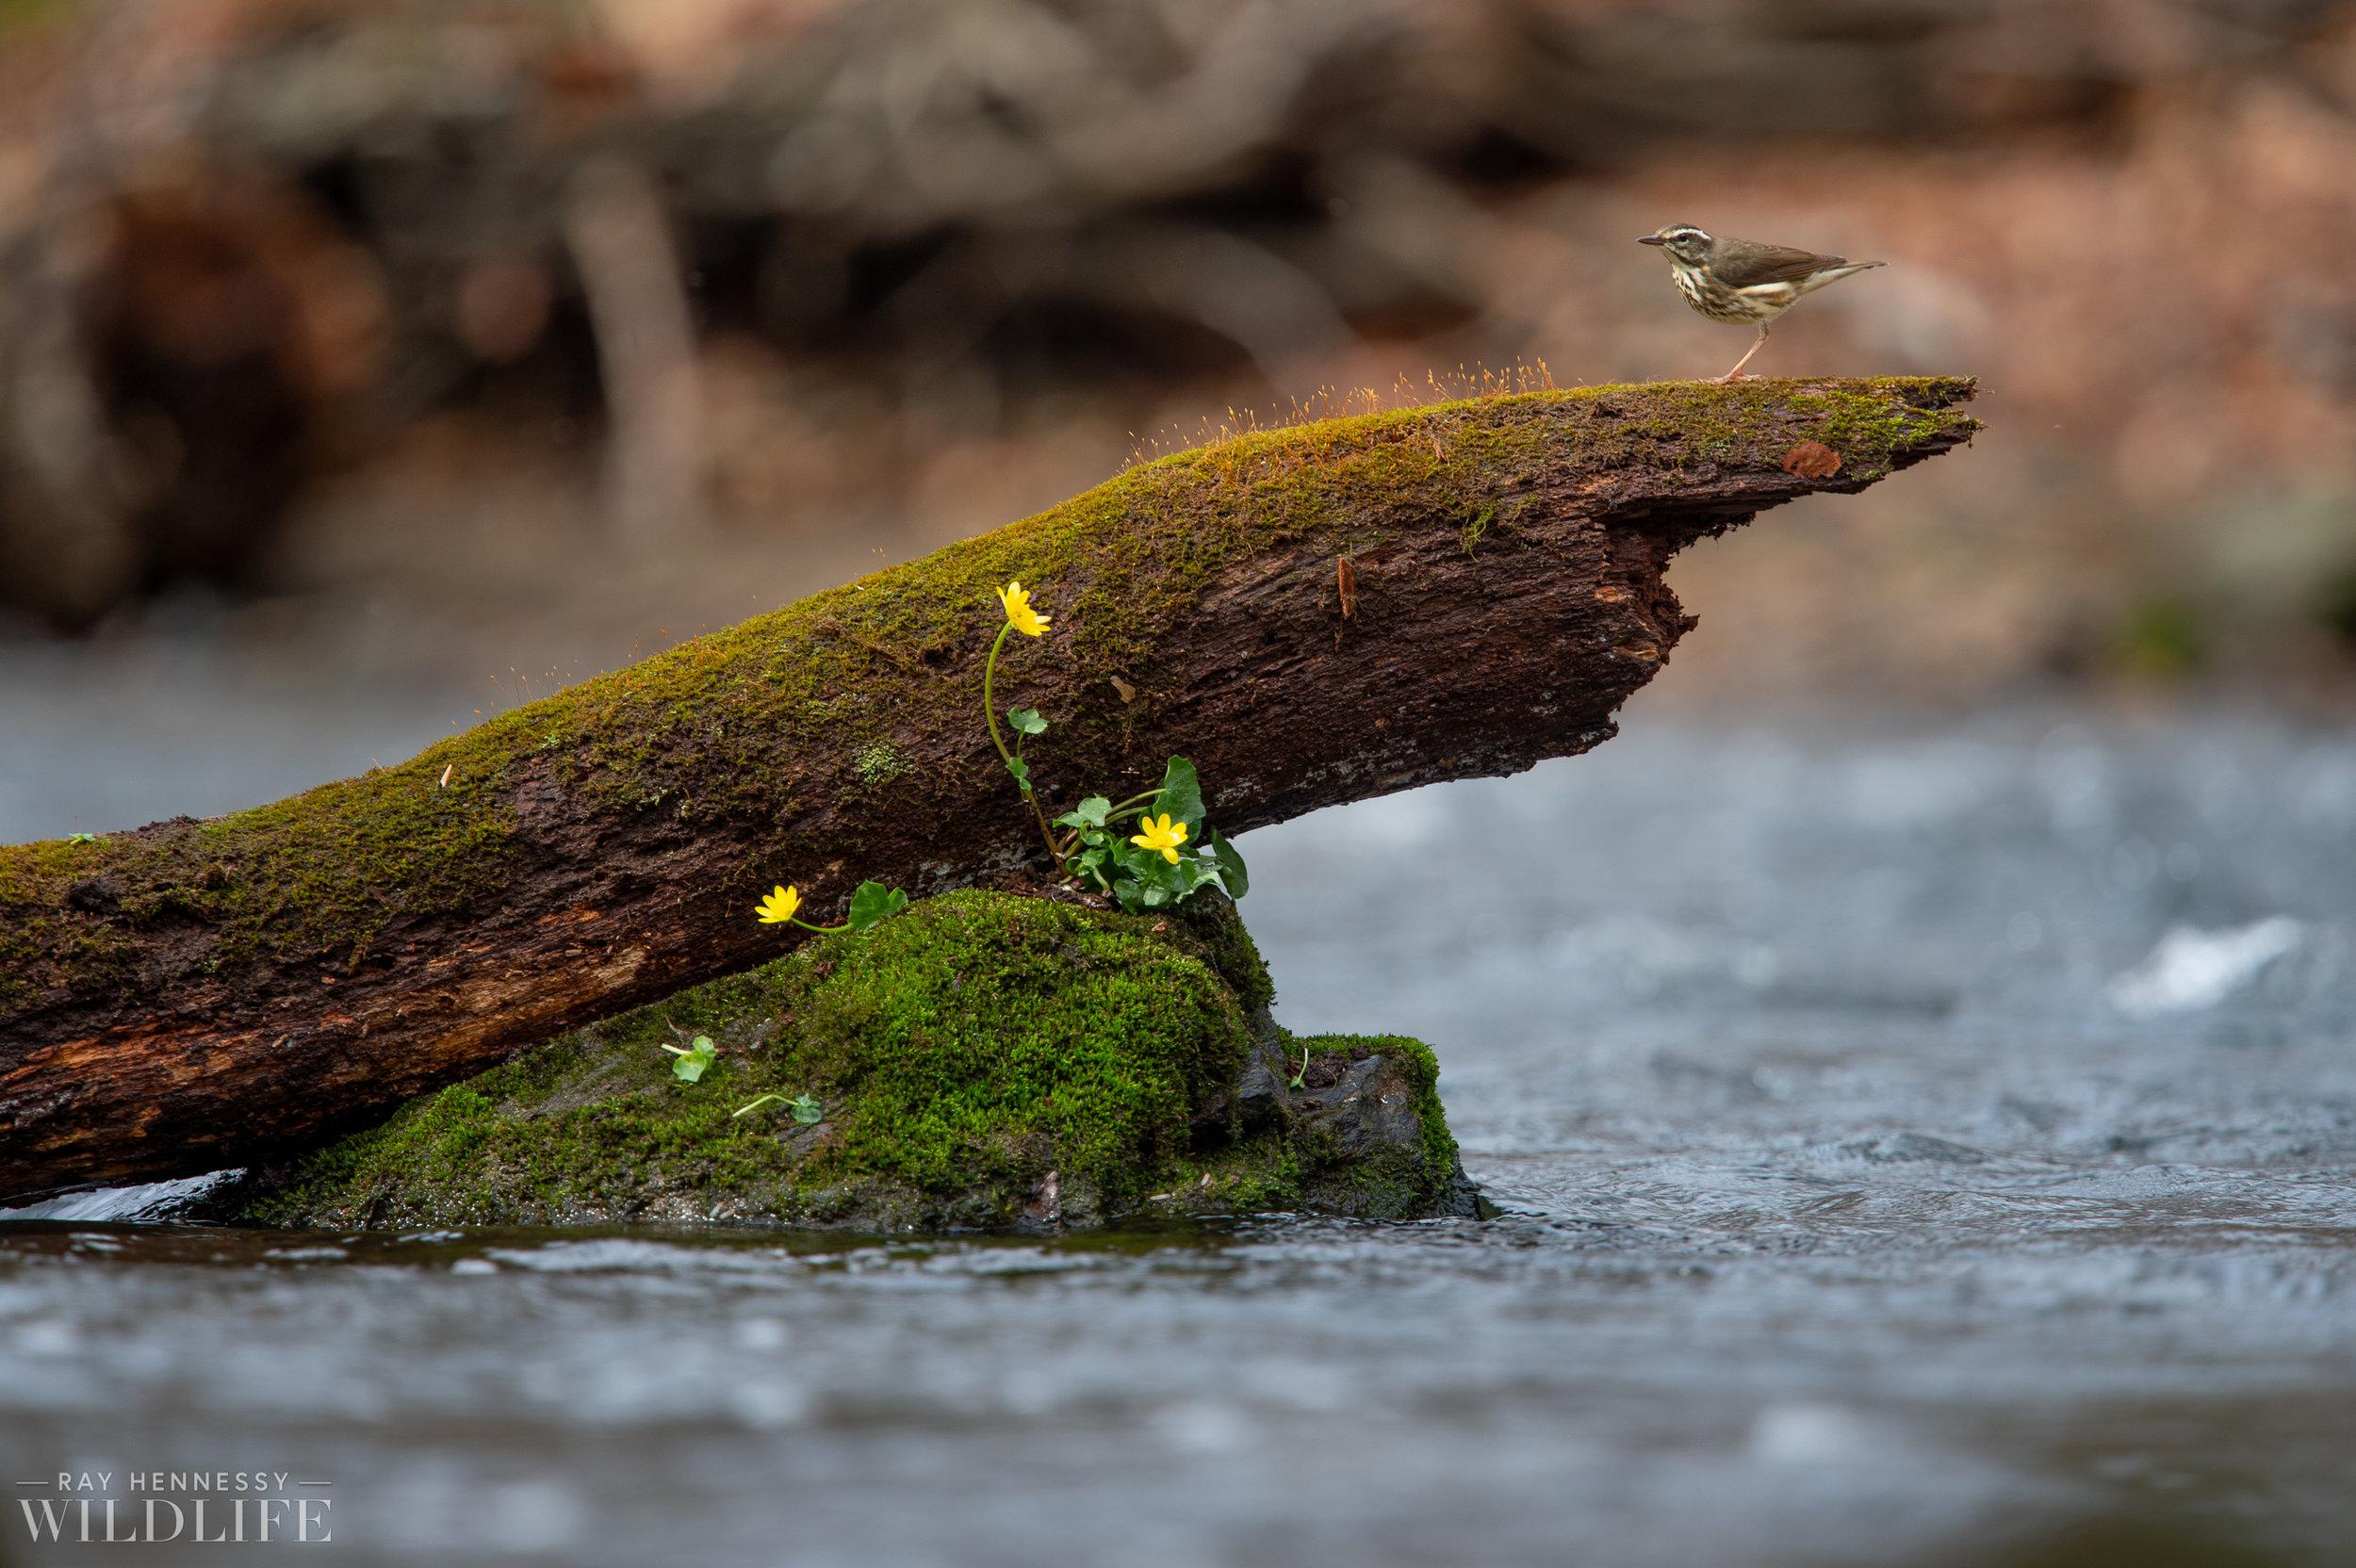 008_louisiana-waterthrush-pine-warbler.jpg